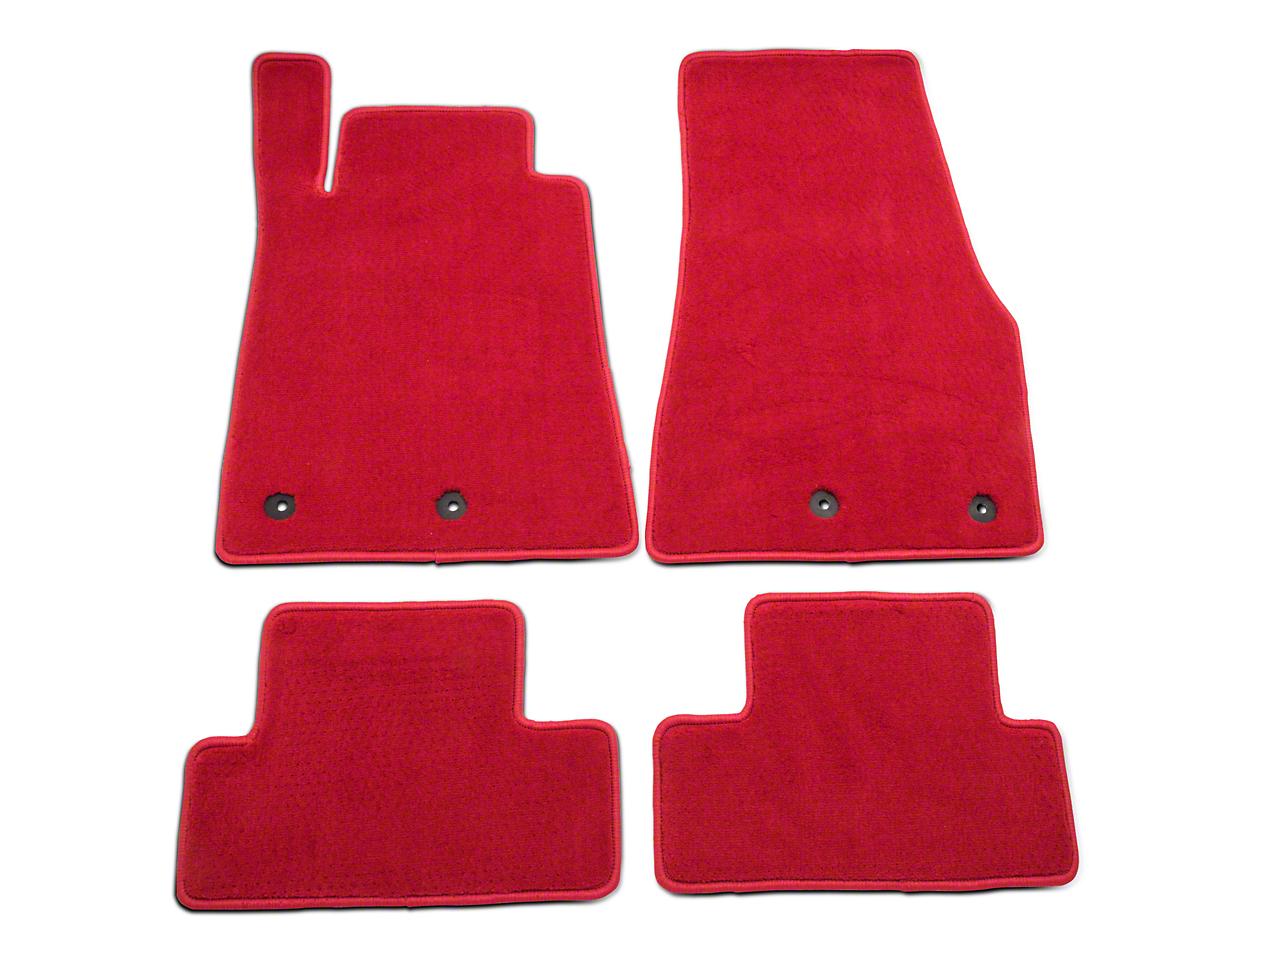 Lloyd Front & Rear Floor Mats - Red (13-14 All)